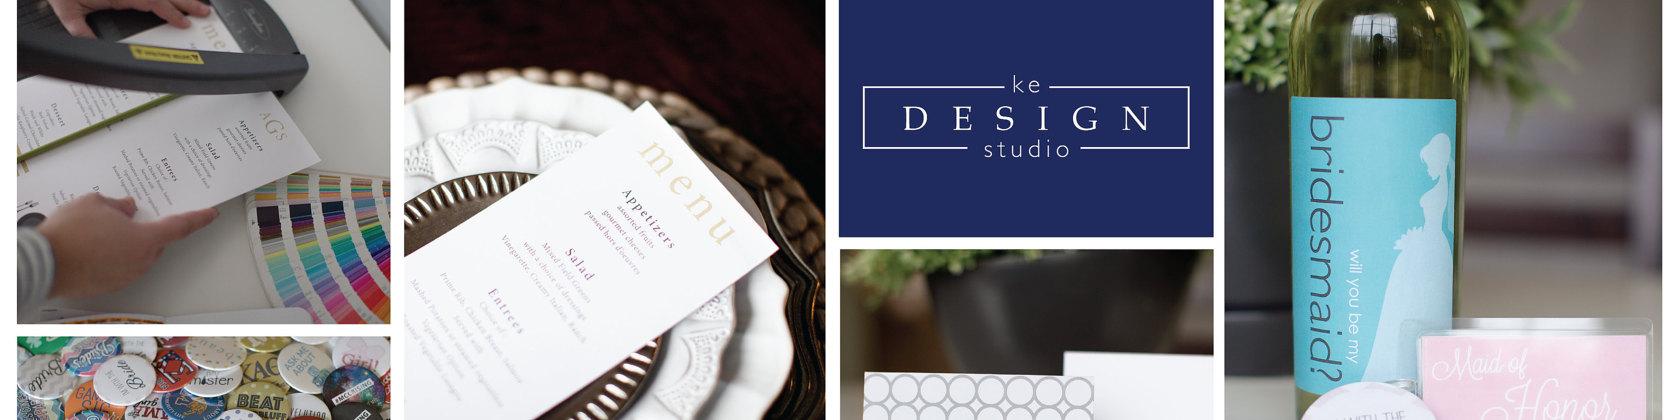 KE Design Studio Etsy Shop Banner